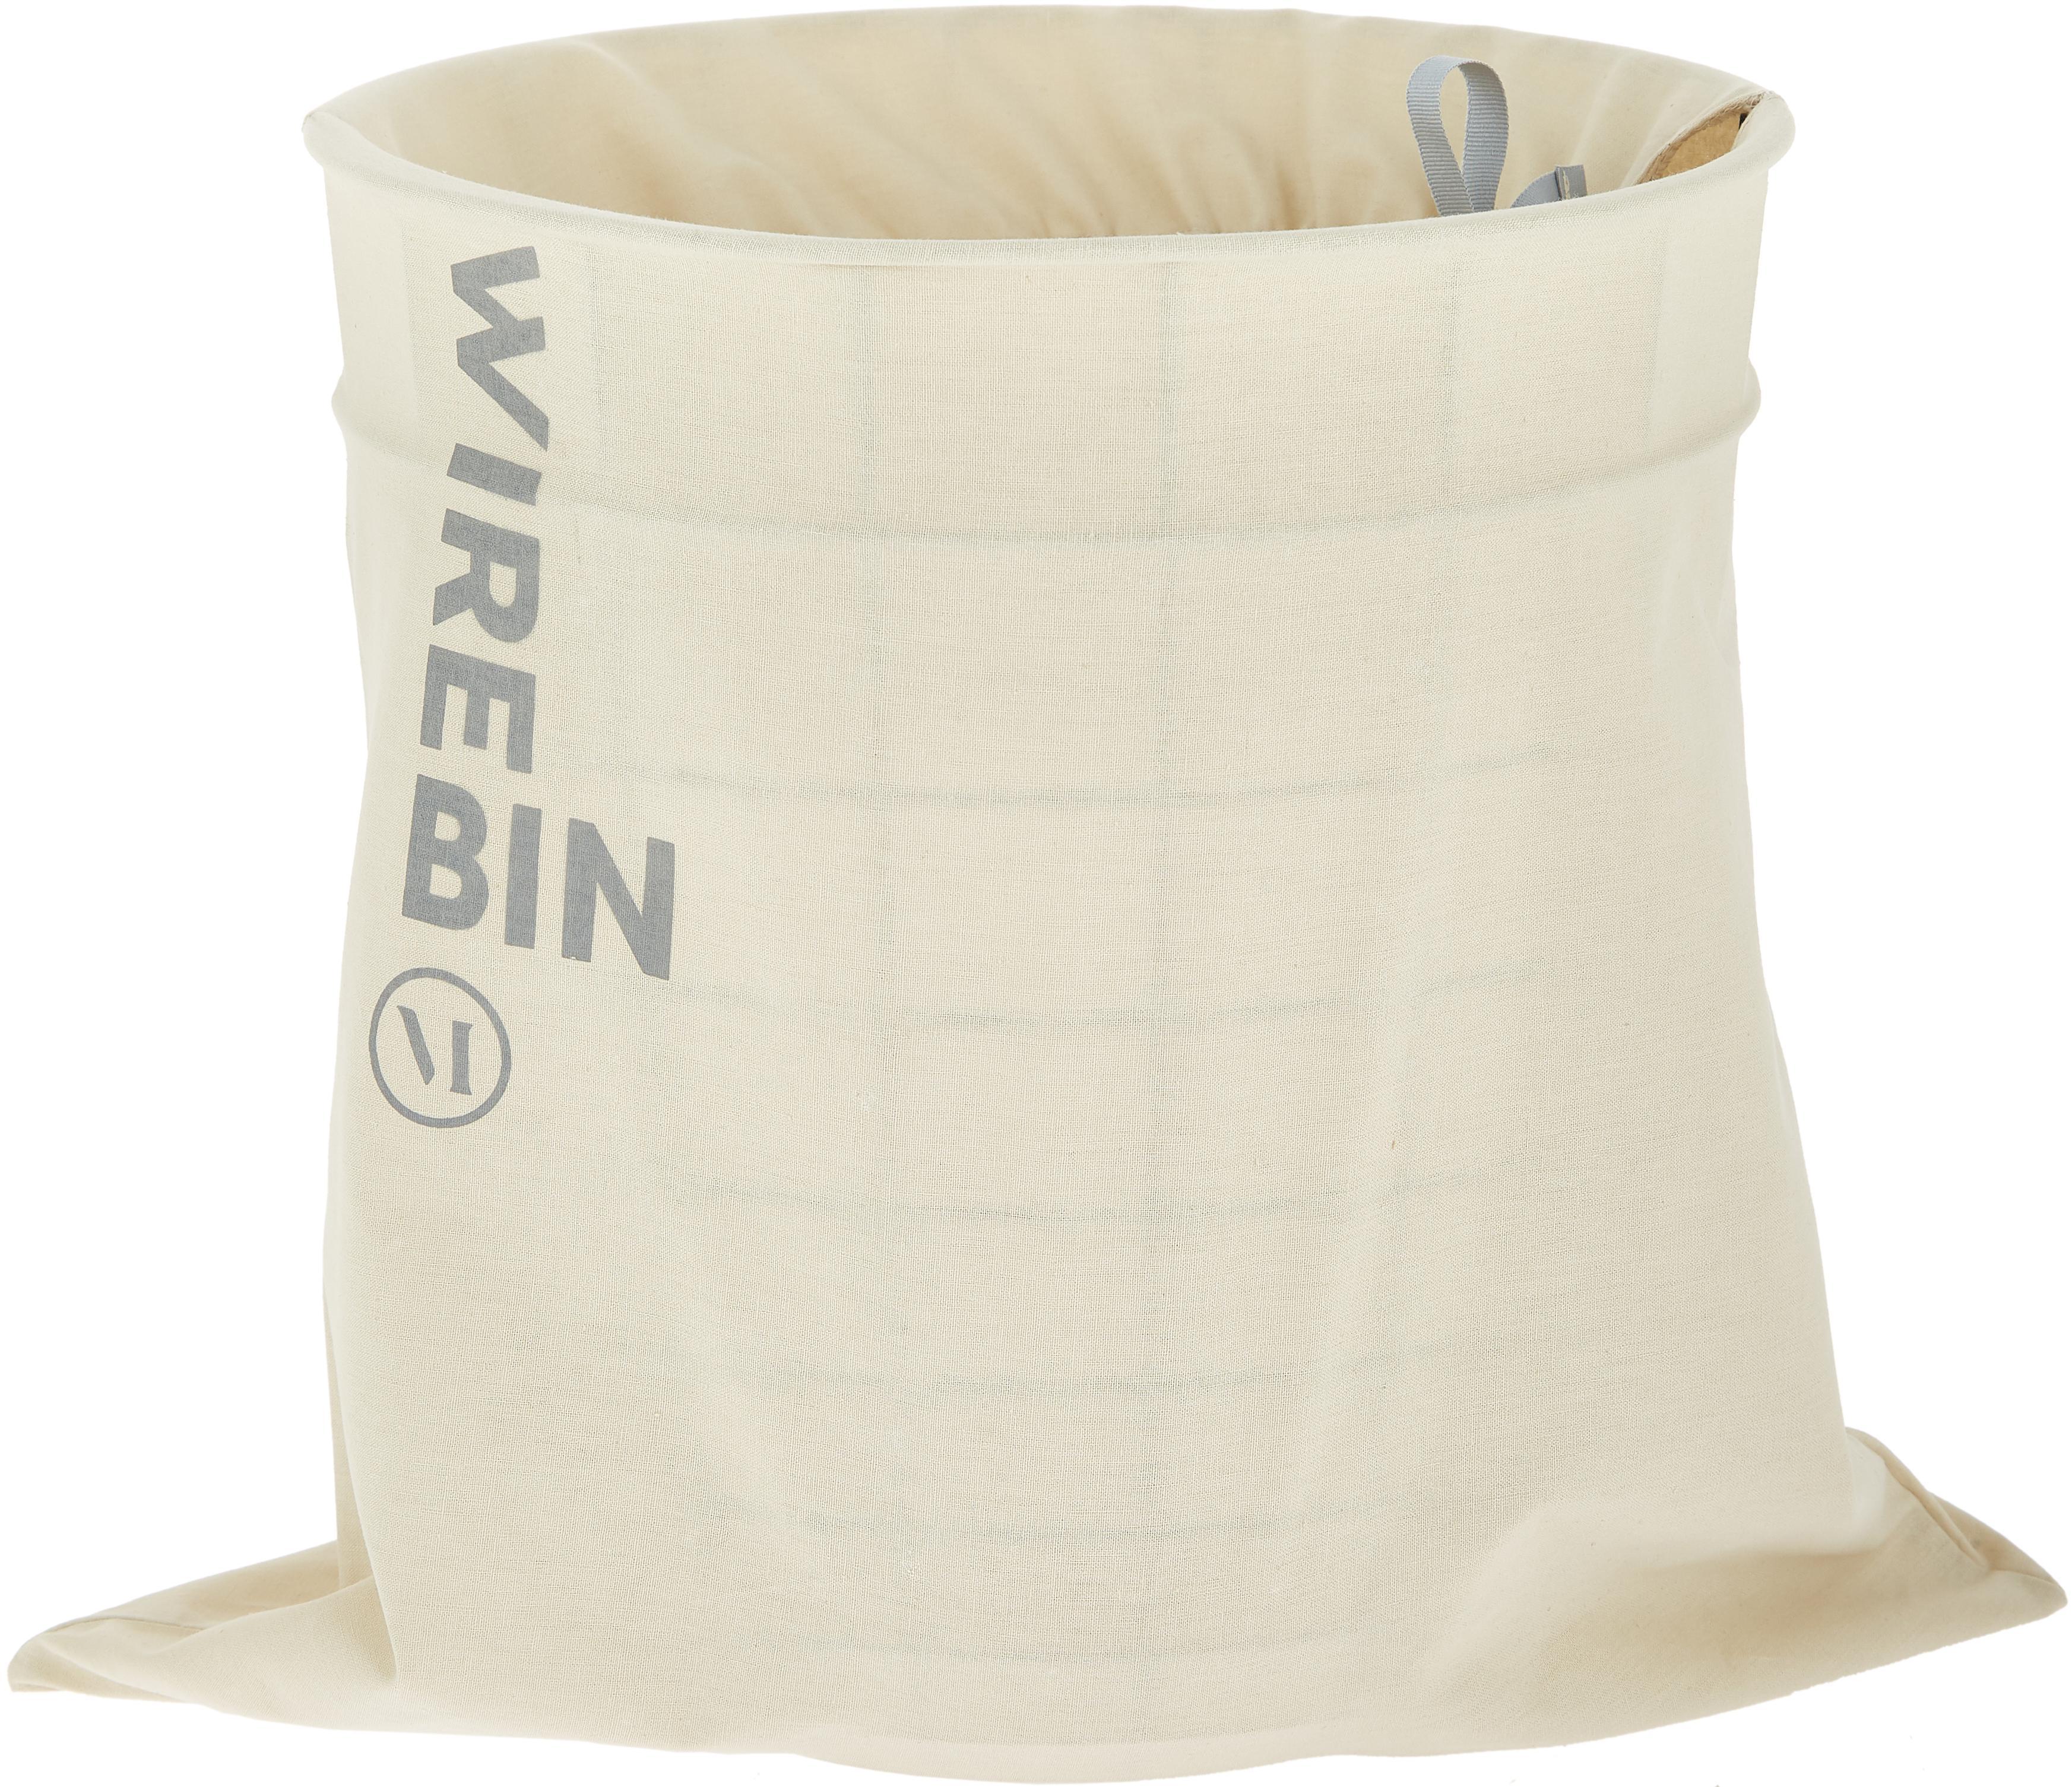 Papierkorb Wire Bin, Korb: Stahl, Schwarz, Ø 32 x H 35 cm